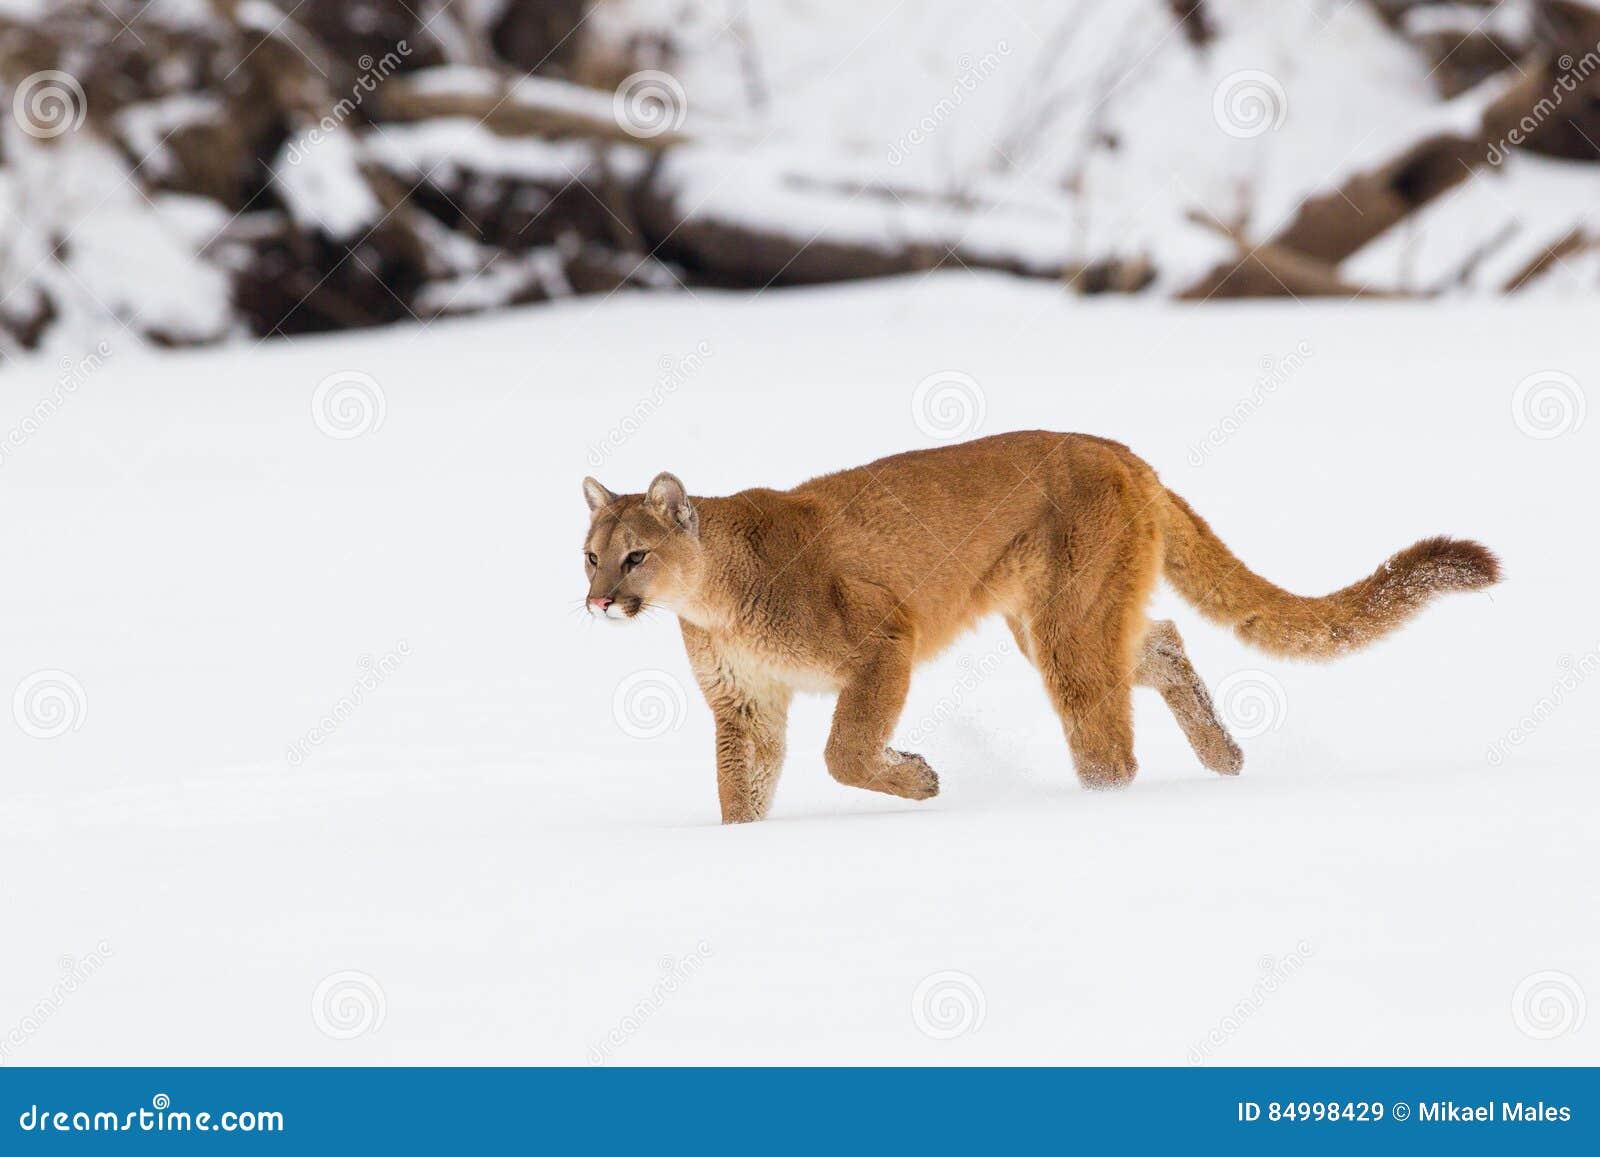 Puma på en jakt